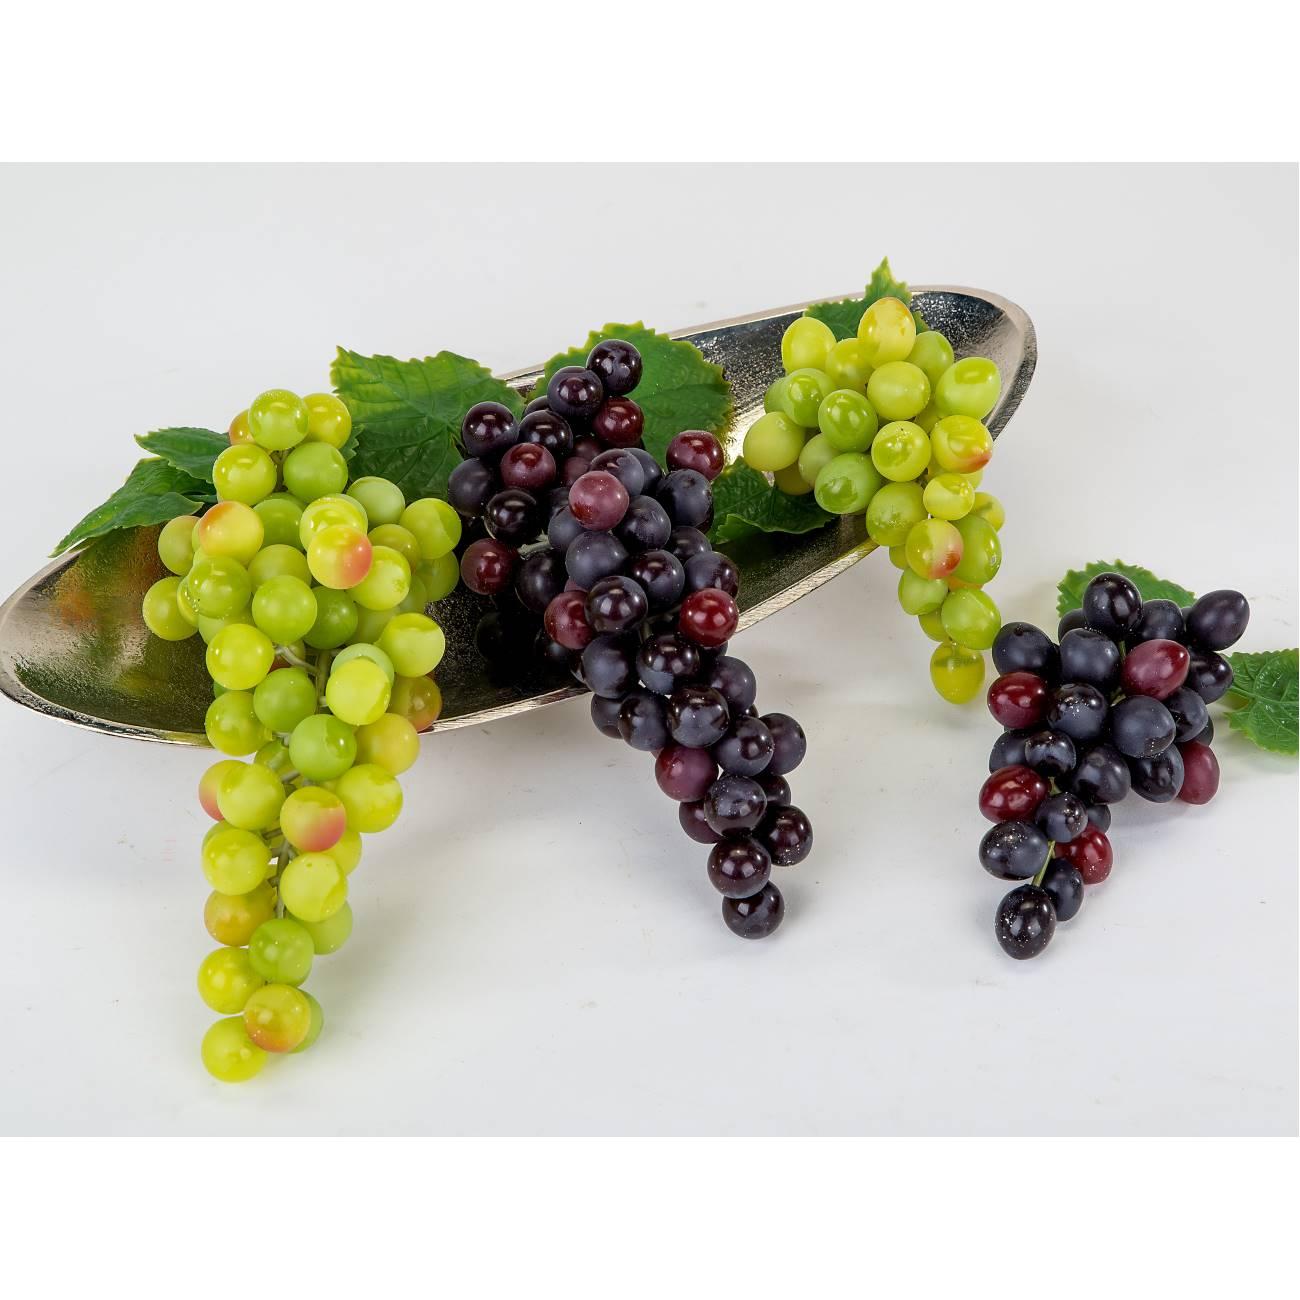 künstliche Deko Weintrauben L 22cm grün Formano